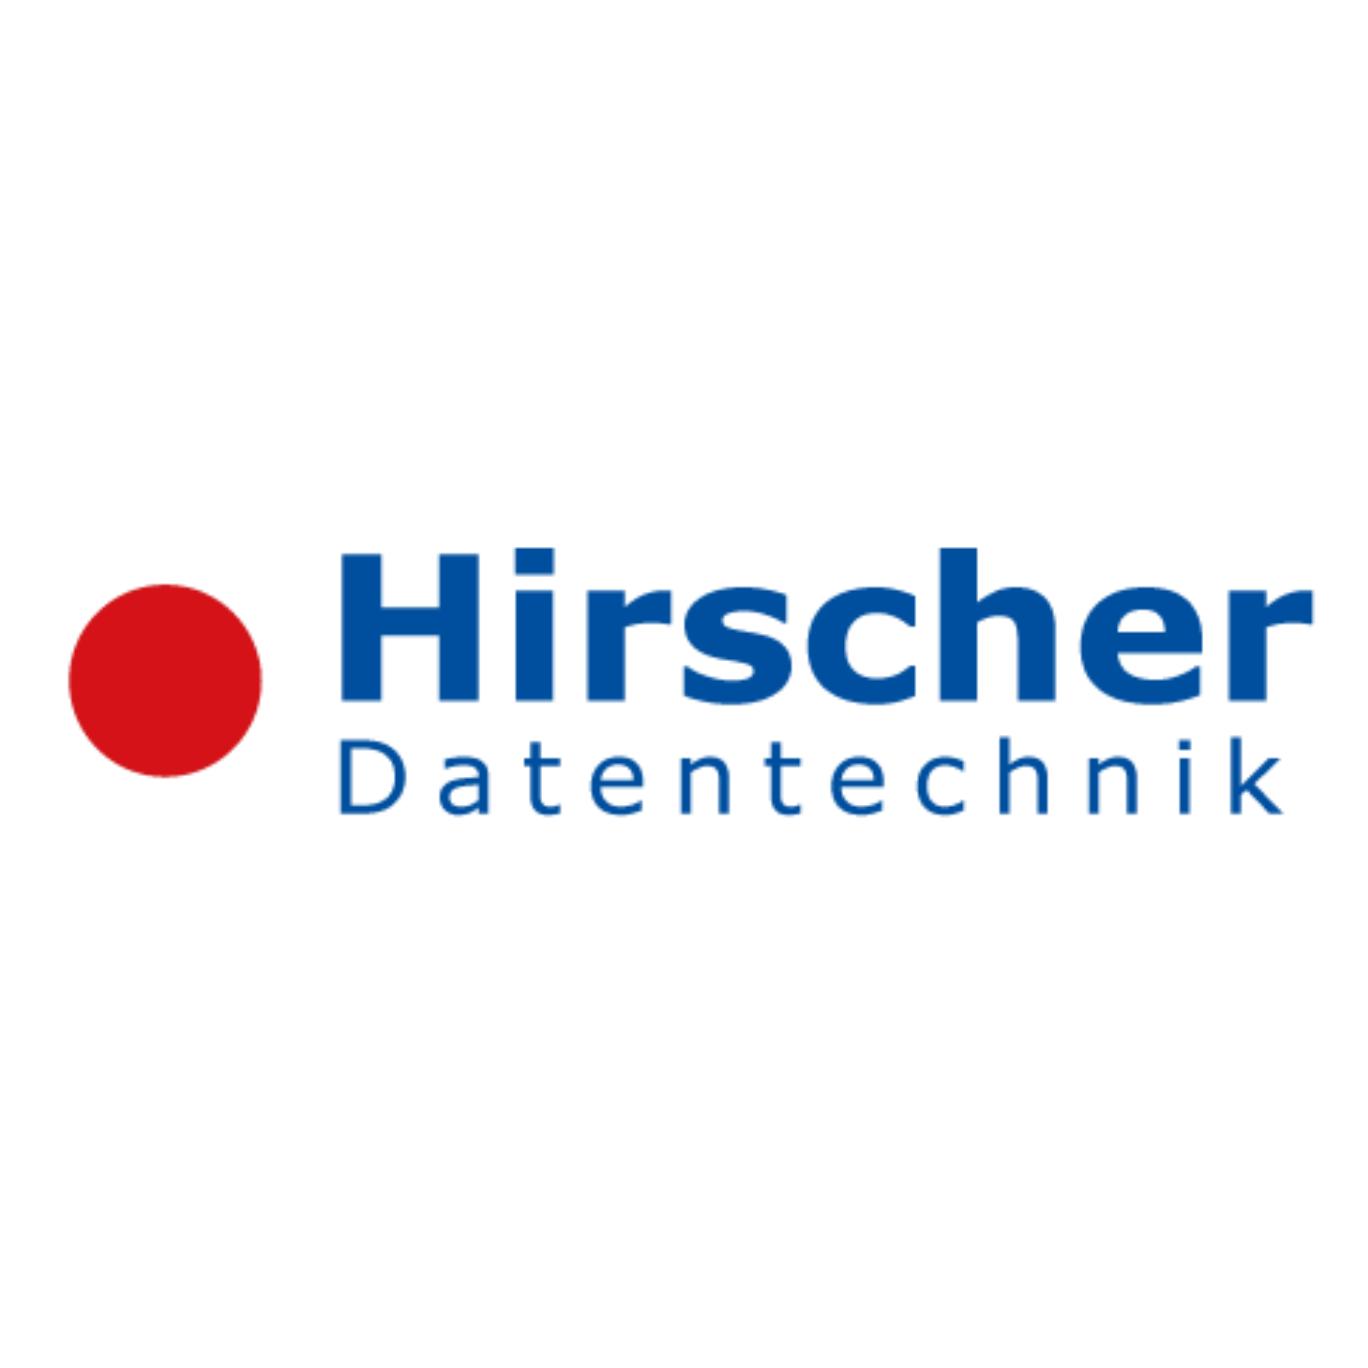 Bild zu Hirscher Datentechnik GmbH in Nürnberg